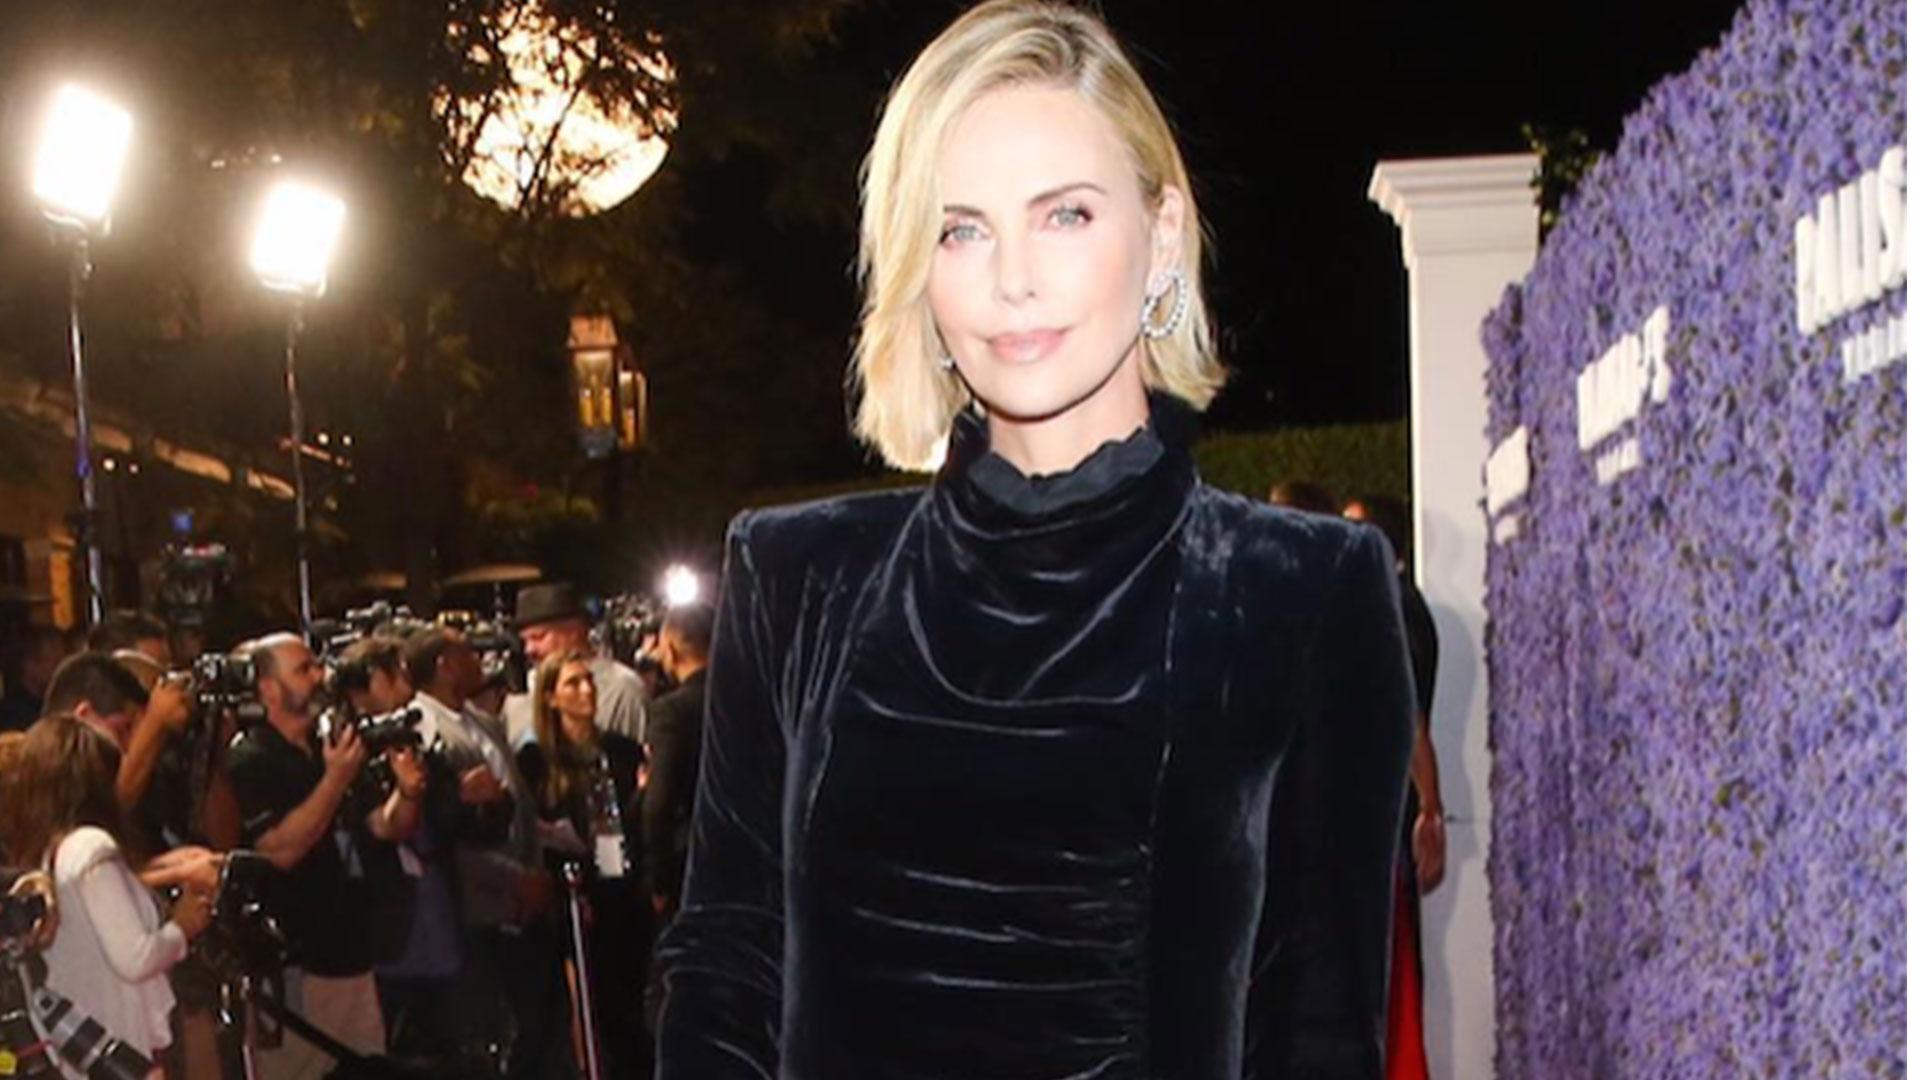 La revelación de Charlize Theron: confirmó que su hija Jackson es transgénero - Infobae